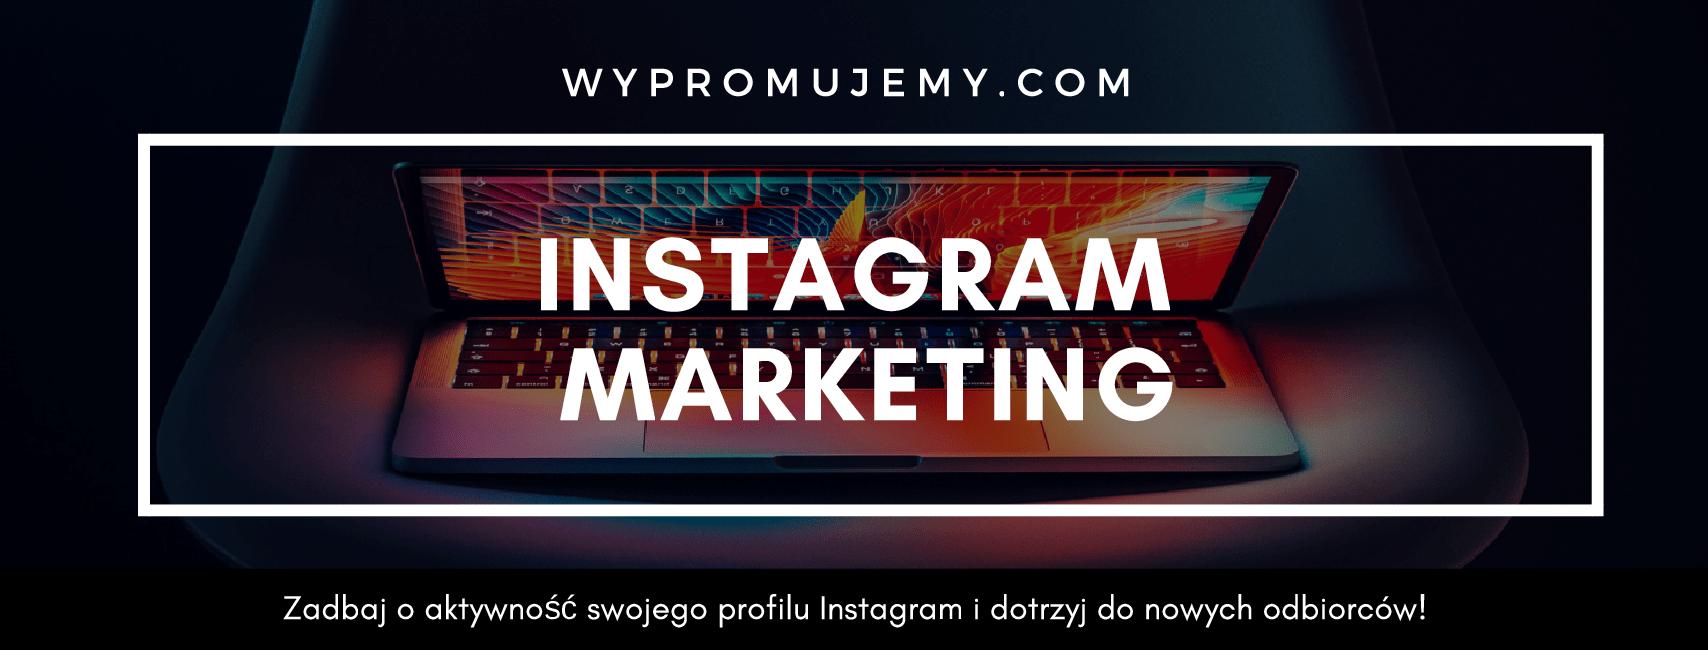 Automatyzacja Instagrama